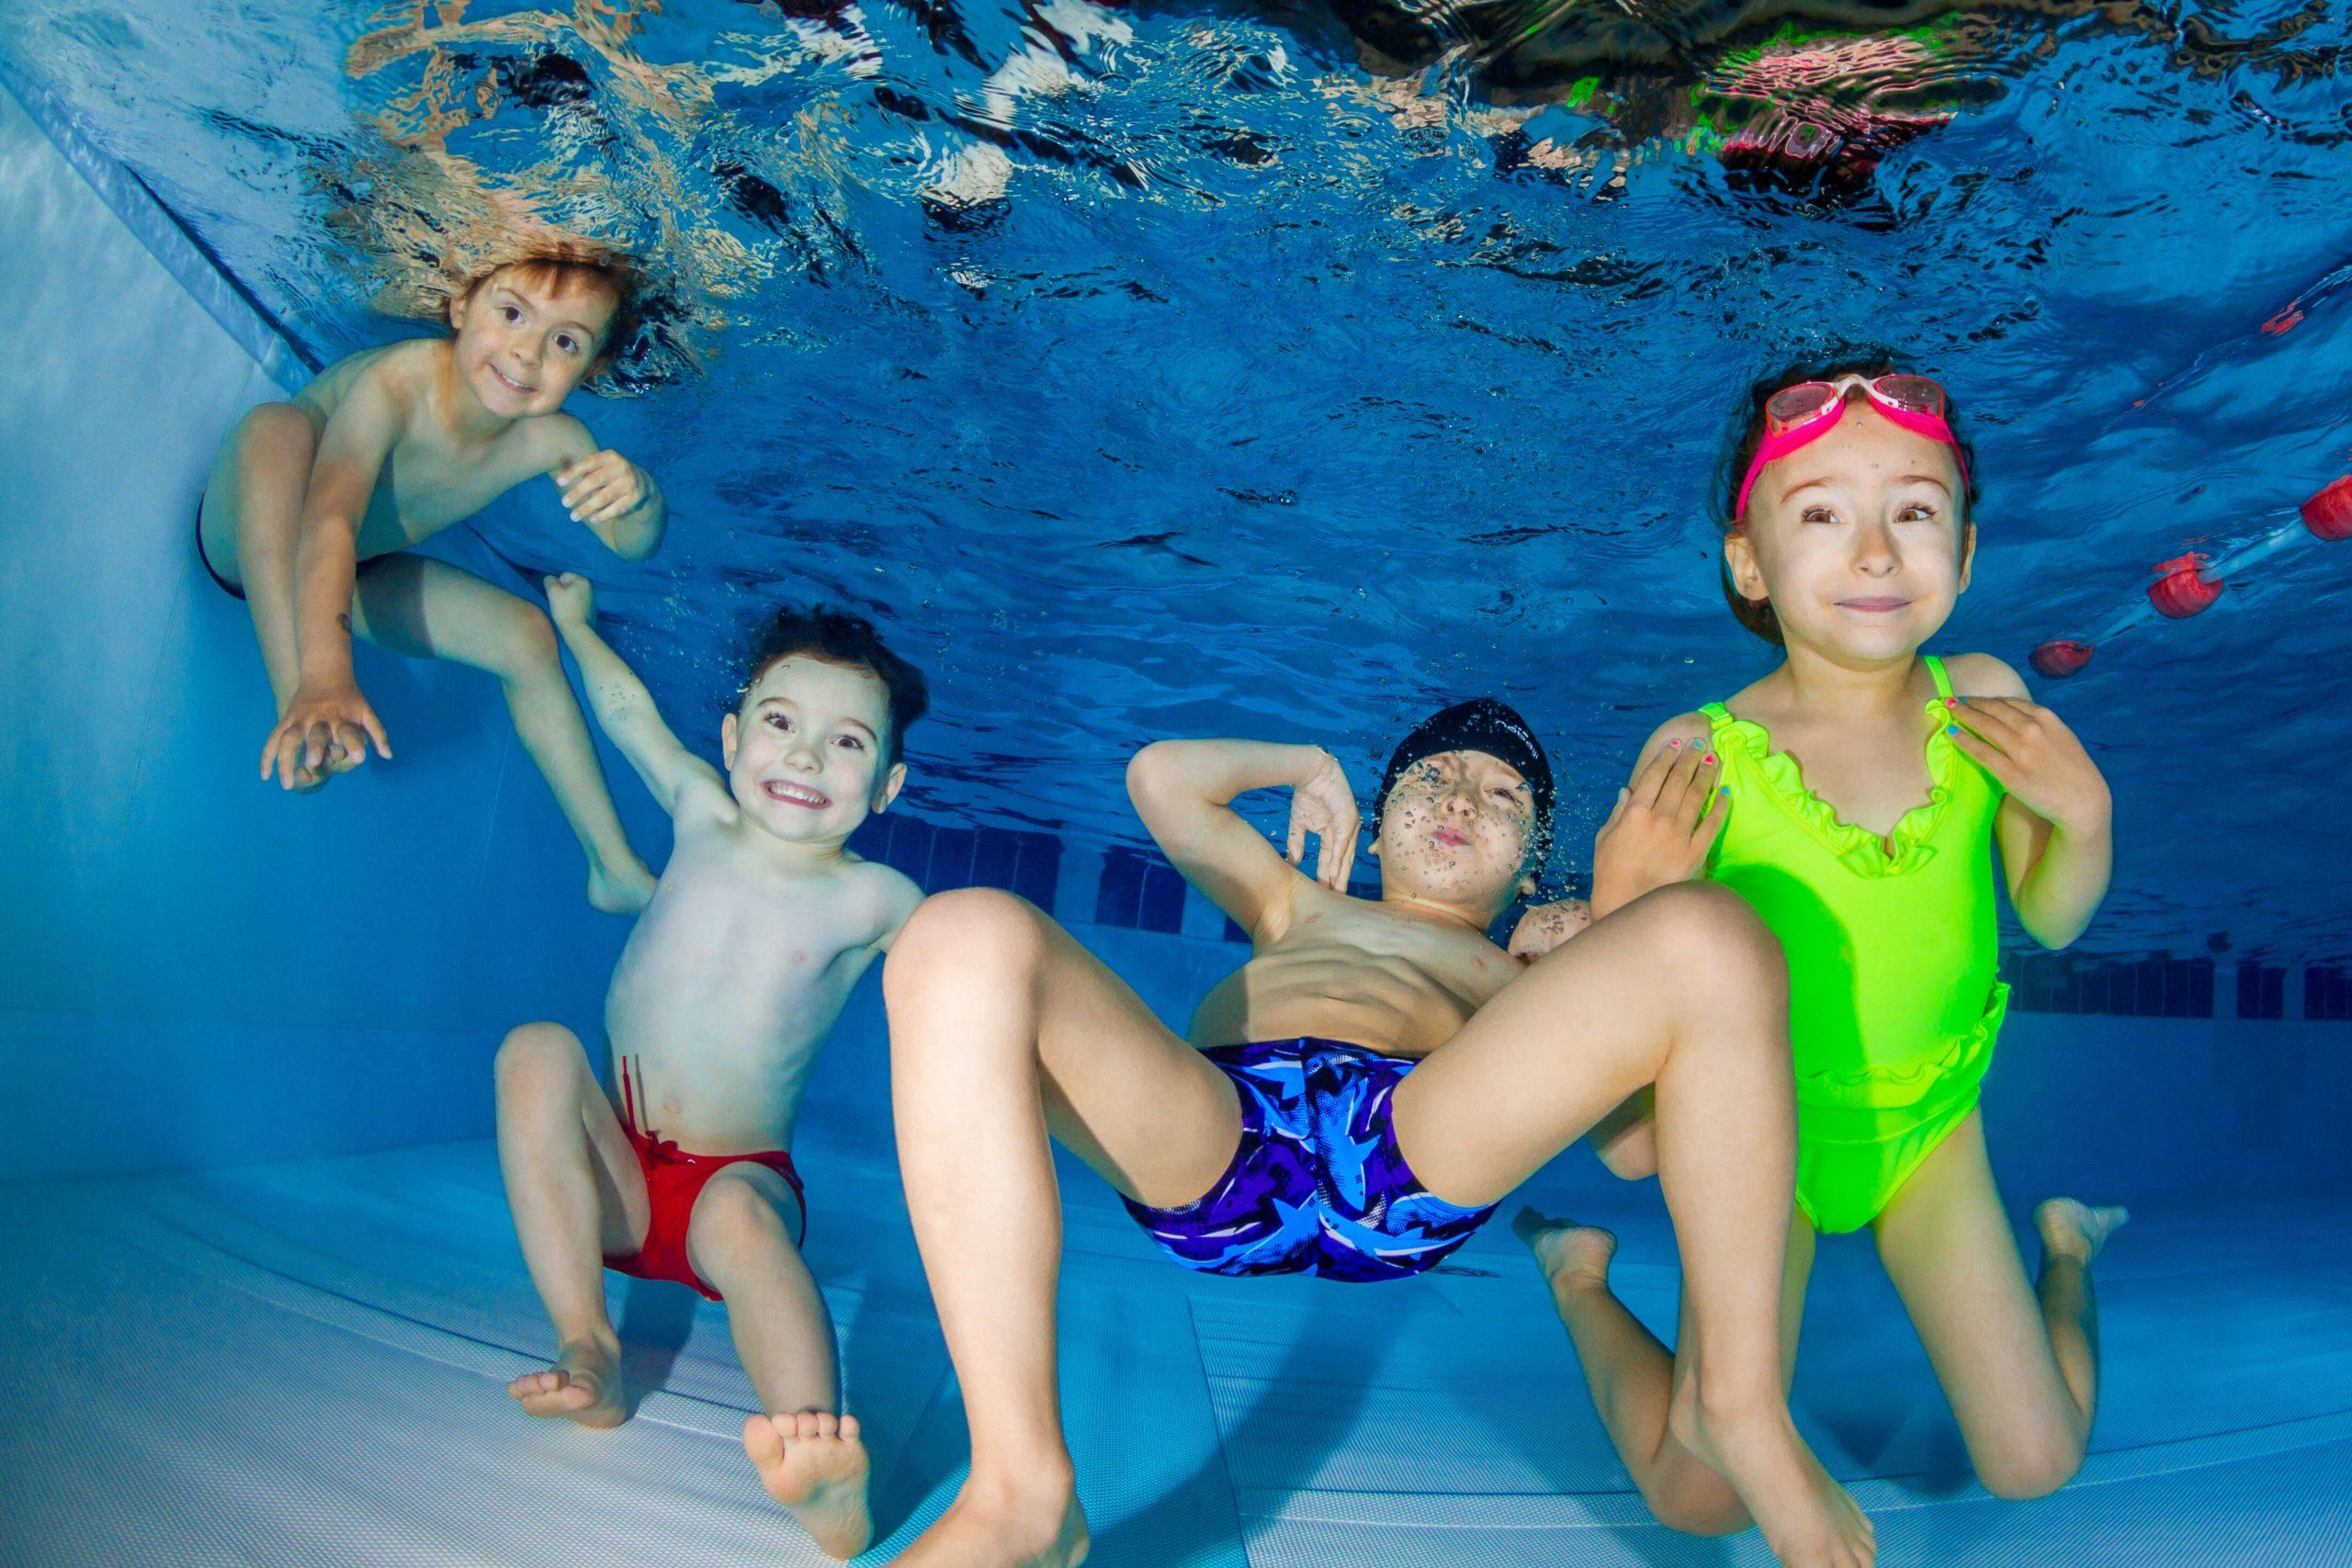 Tourcoing-Les-Bains : Centre De Loisirs Aquatiques À ... pour Piscine Tourcoing Les Bains